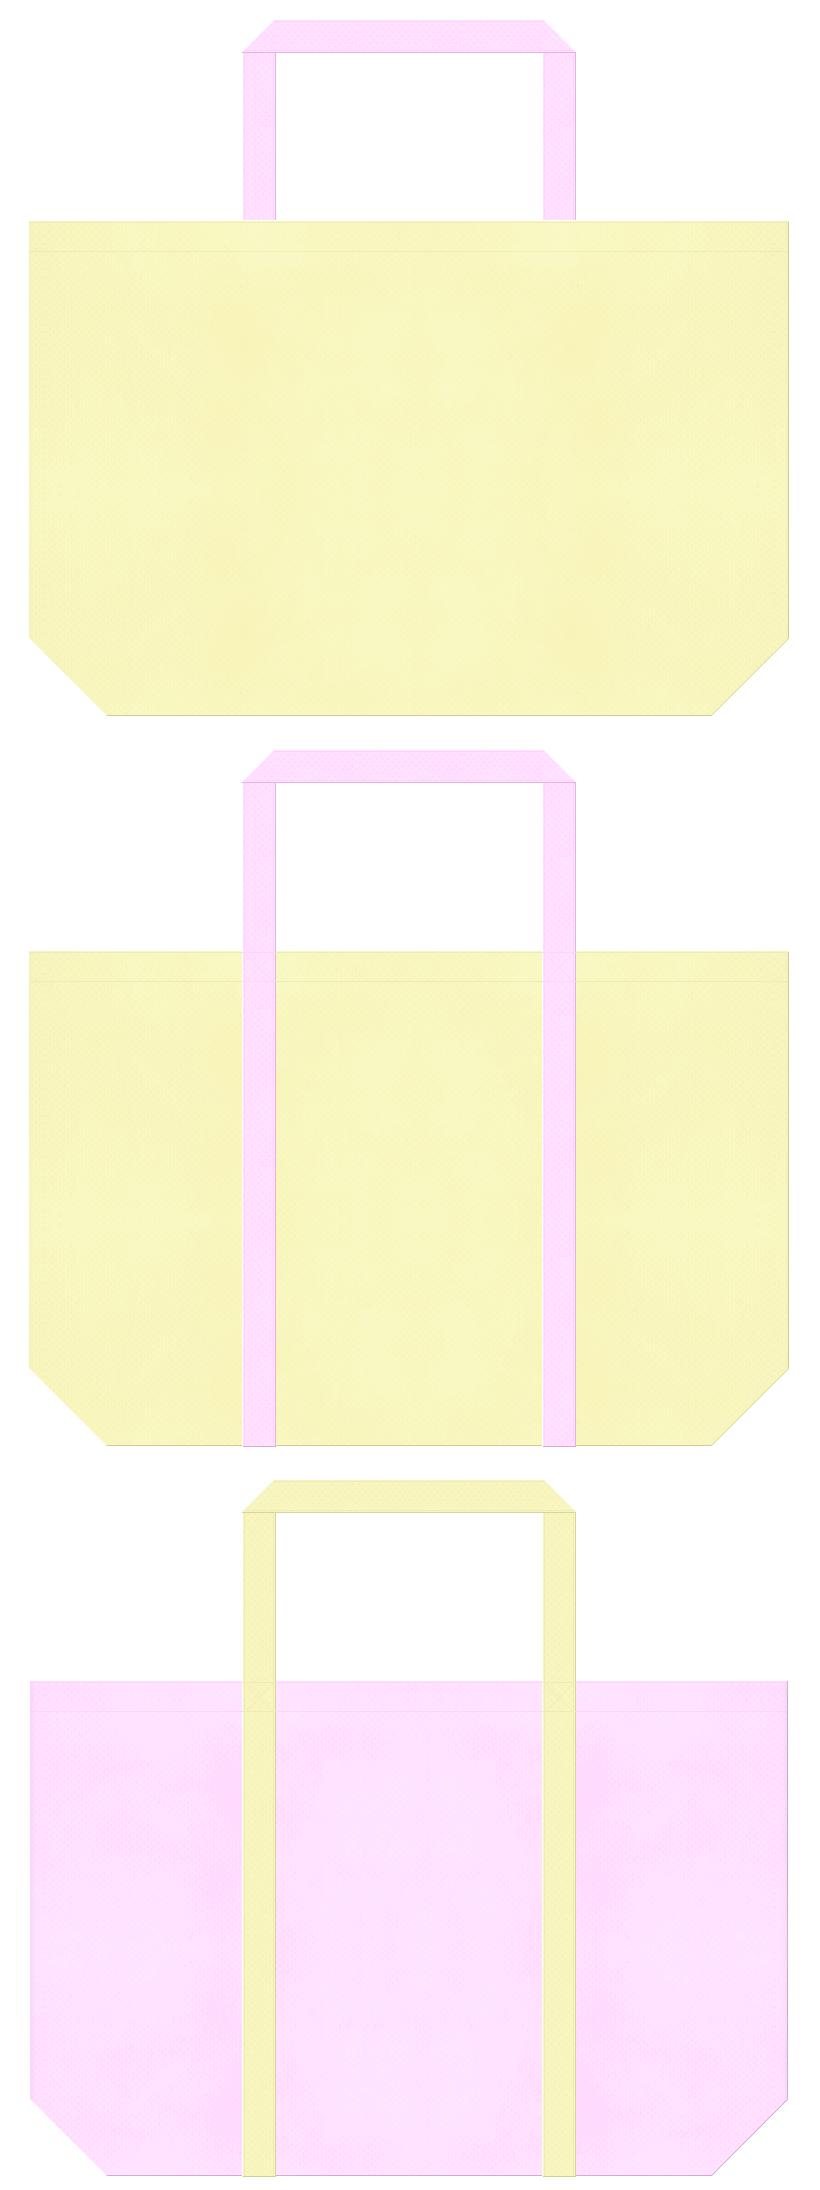 薄黄色と明るいピンク色の不織布マイバッグデザイン。ガーリーファッションのショッピングバッグにお奨めです。